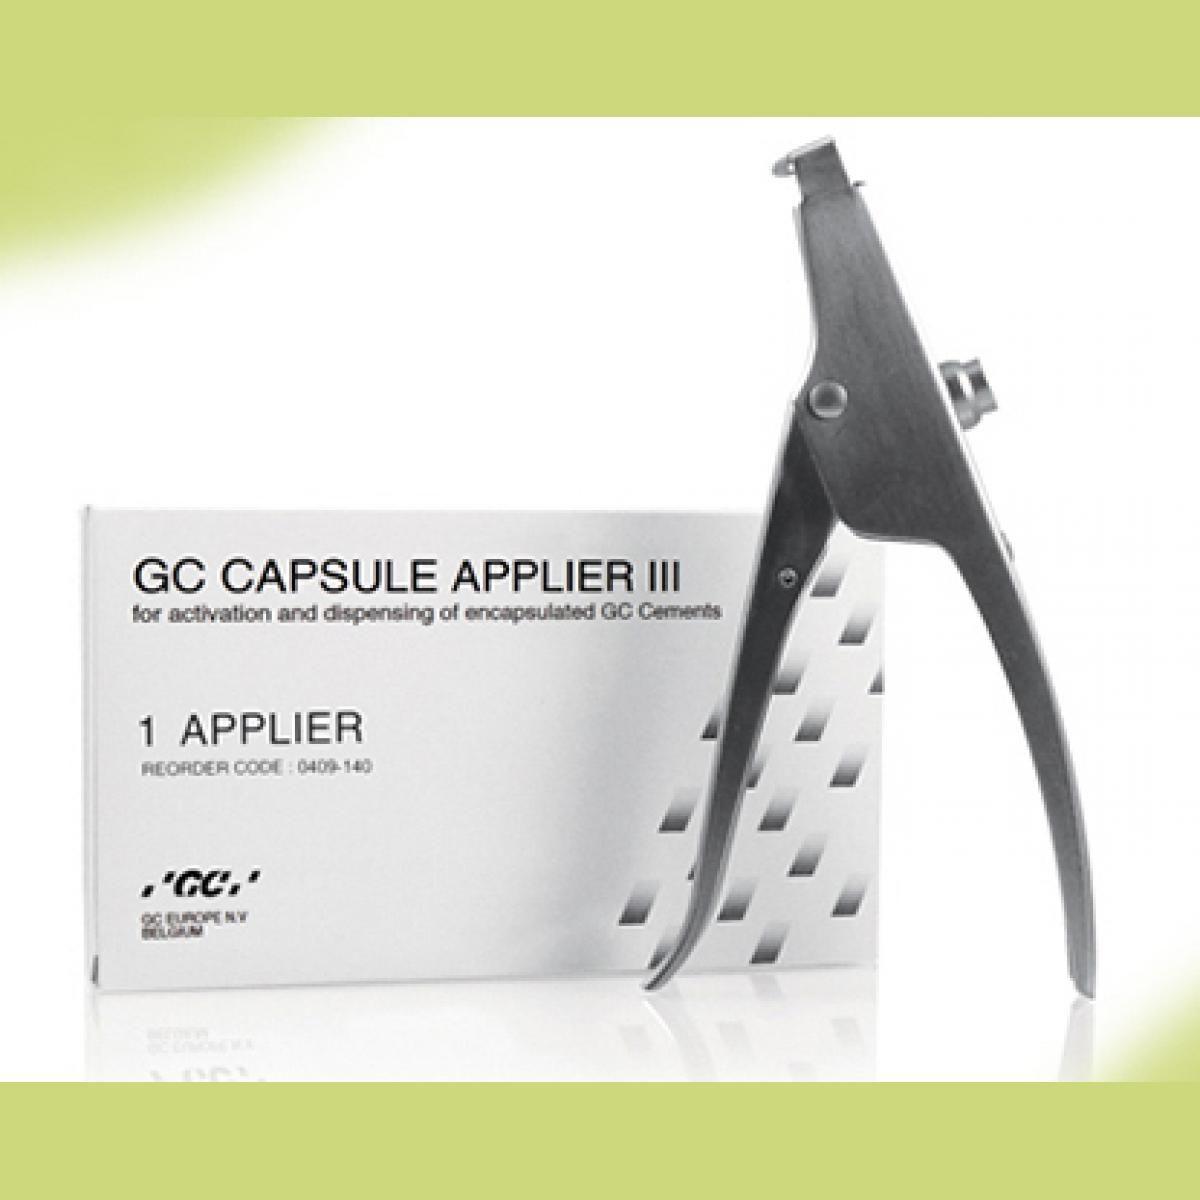 APLICADOR DE CAPSULAS GC IV 2559 -